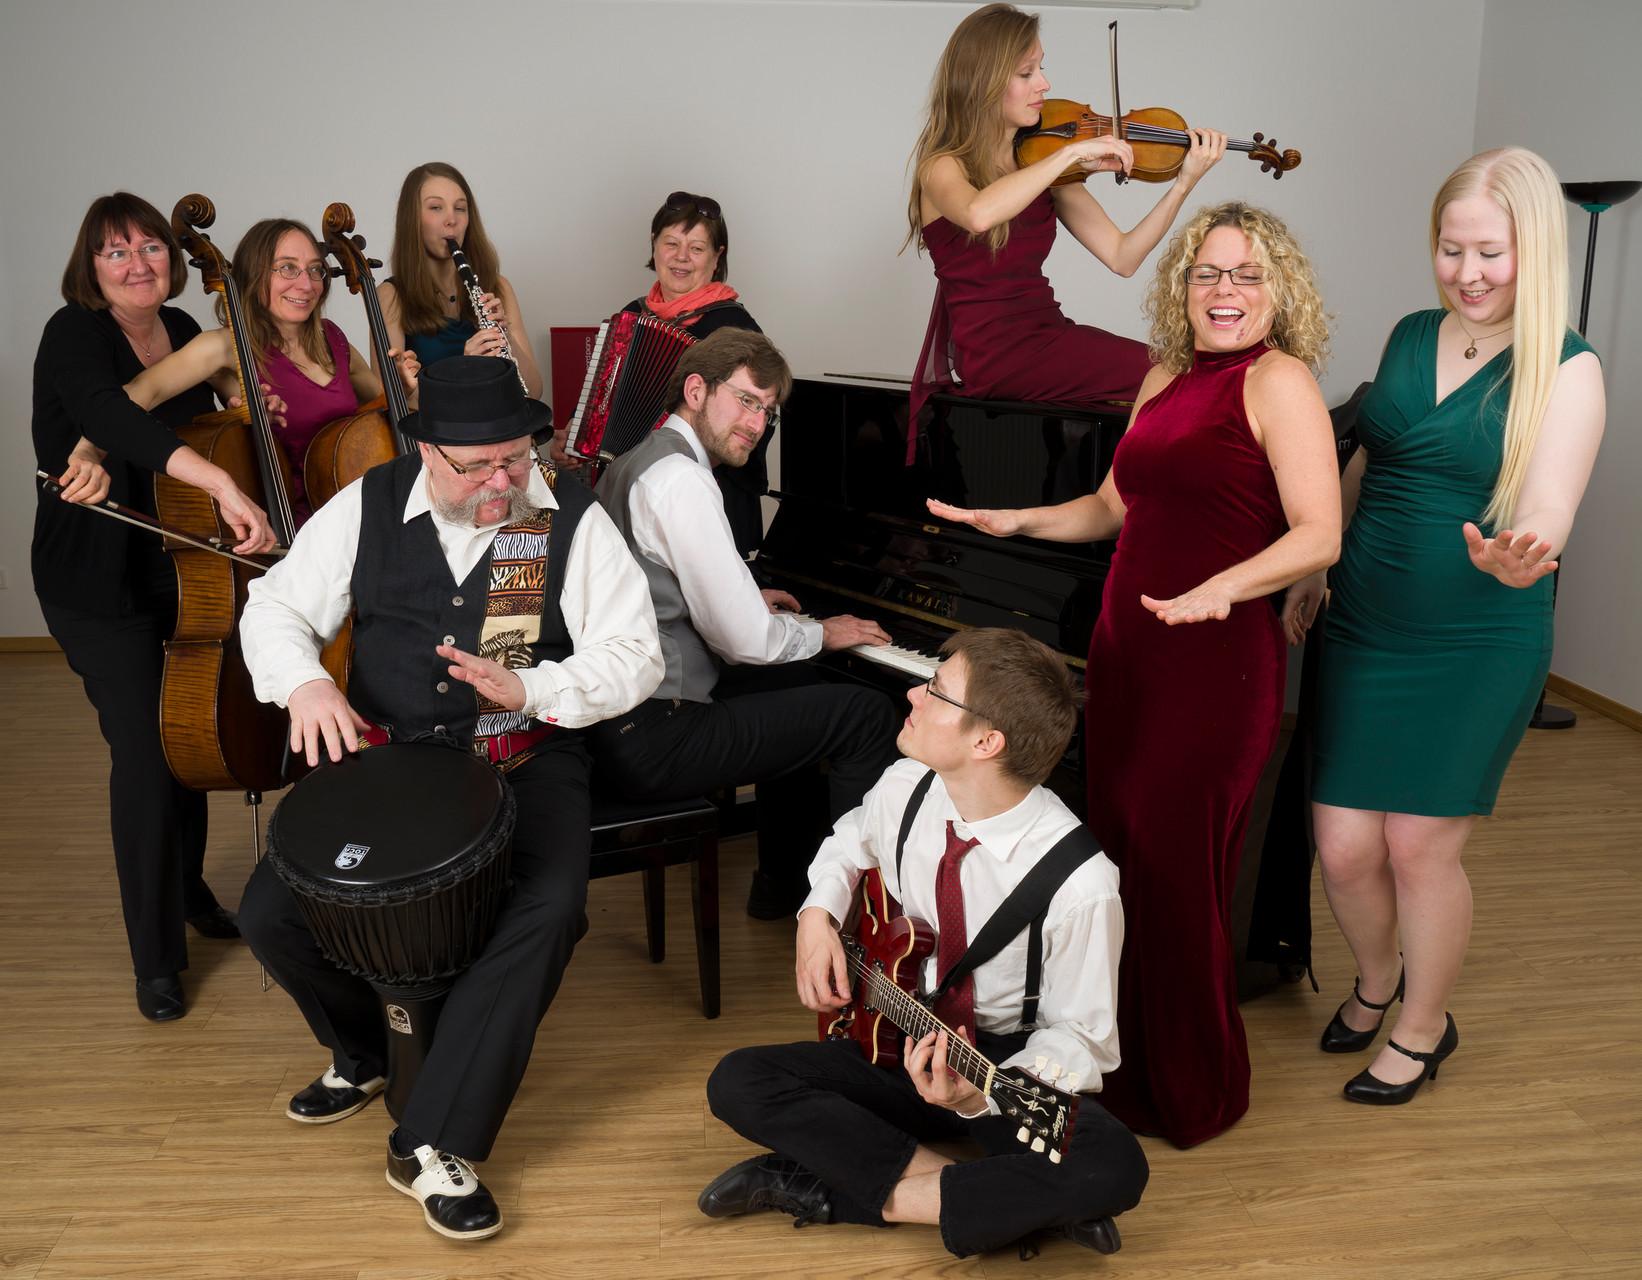 Portrait des Ensembles von Dierk Topp